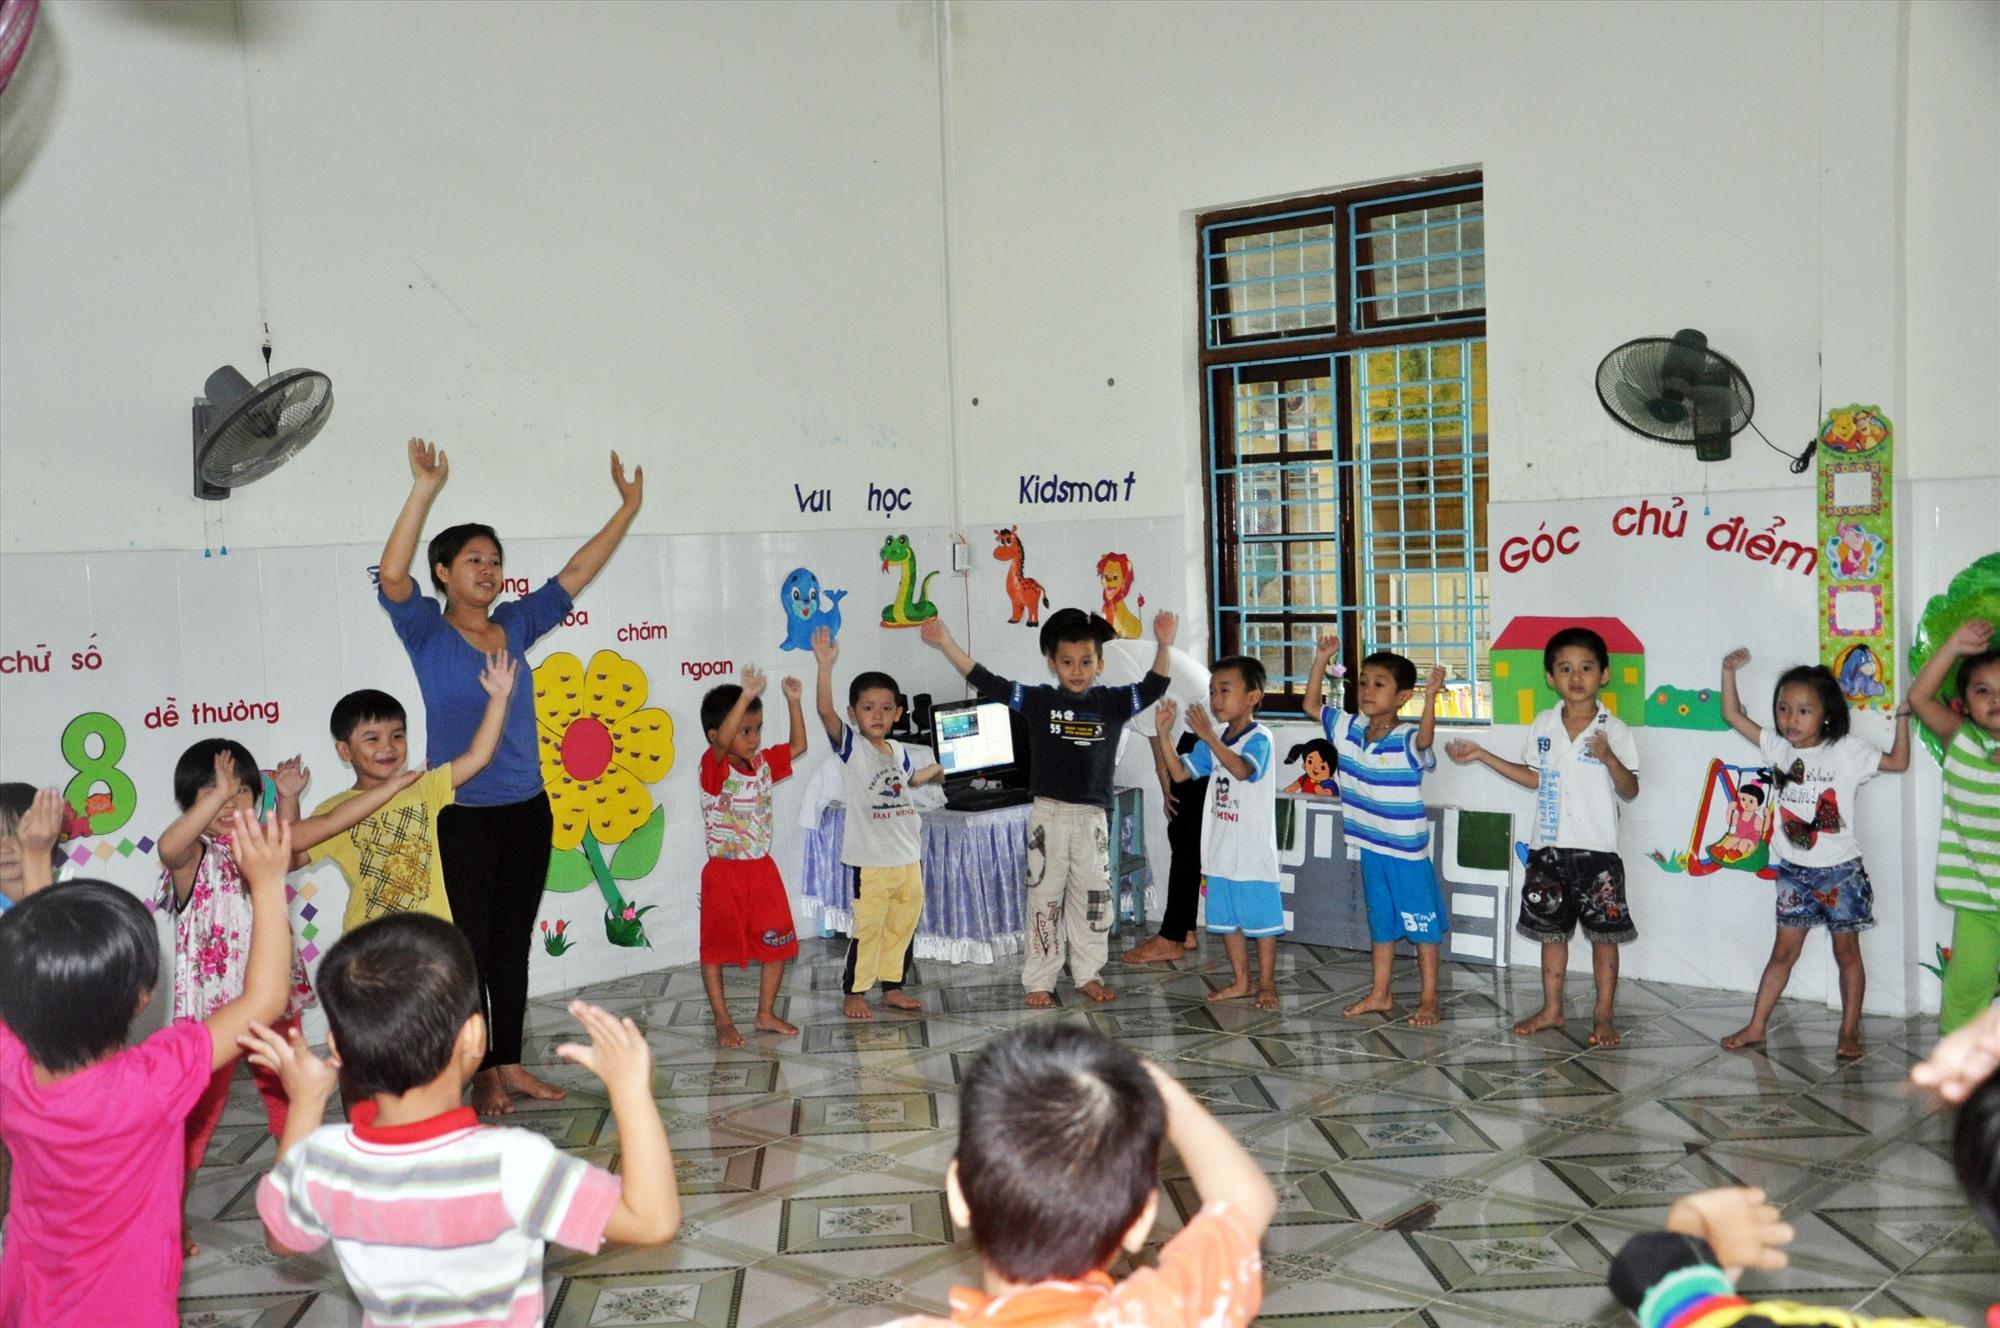 Huyện Đại Lộc cần tuyển dụng 65 chỉ tiêu giáo viên mầm non song chỉ có 45 người dự tuyển (ảnh minh họa). Ảnh: X.P